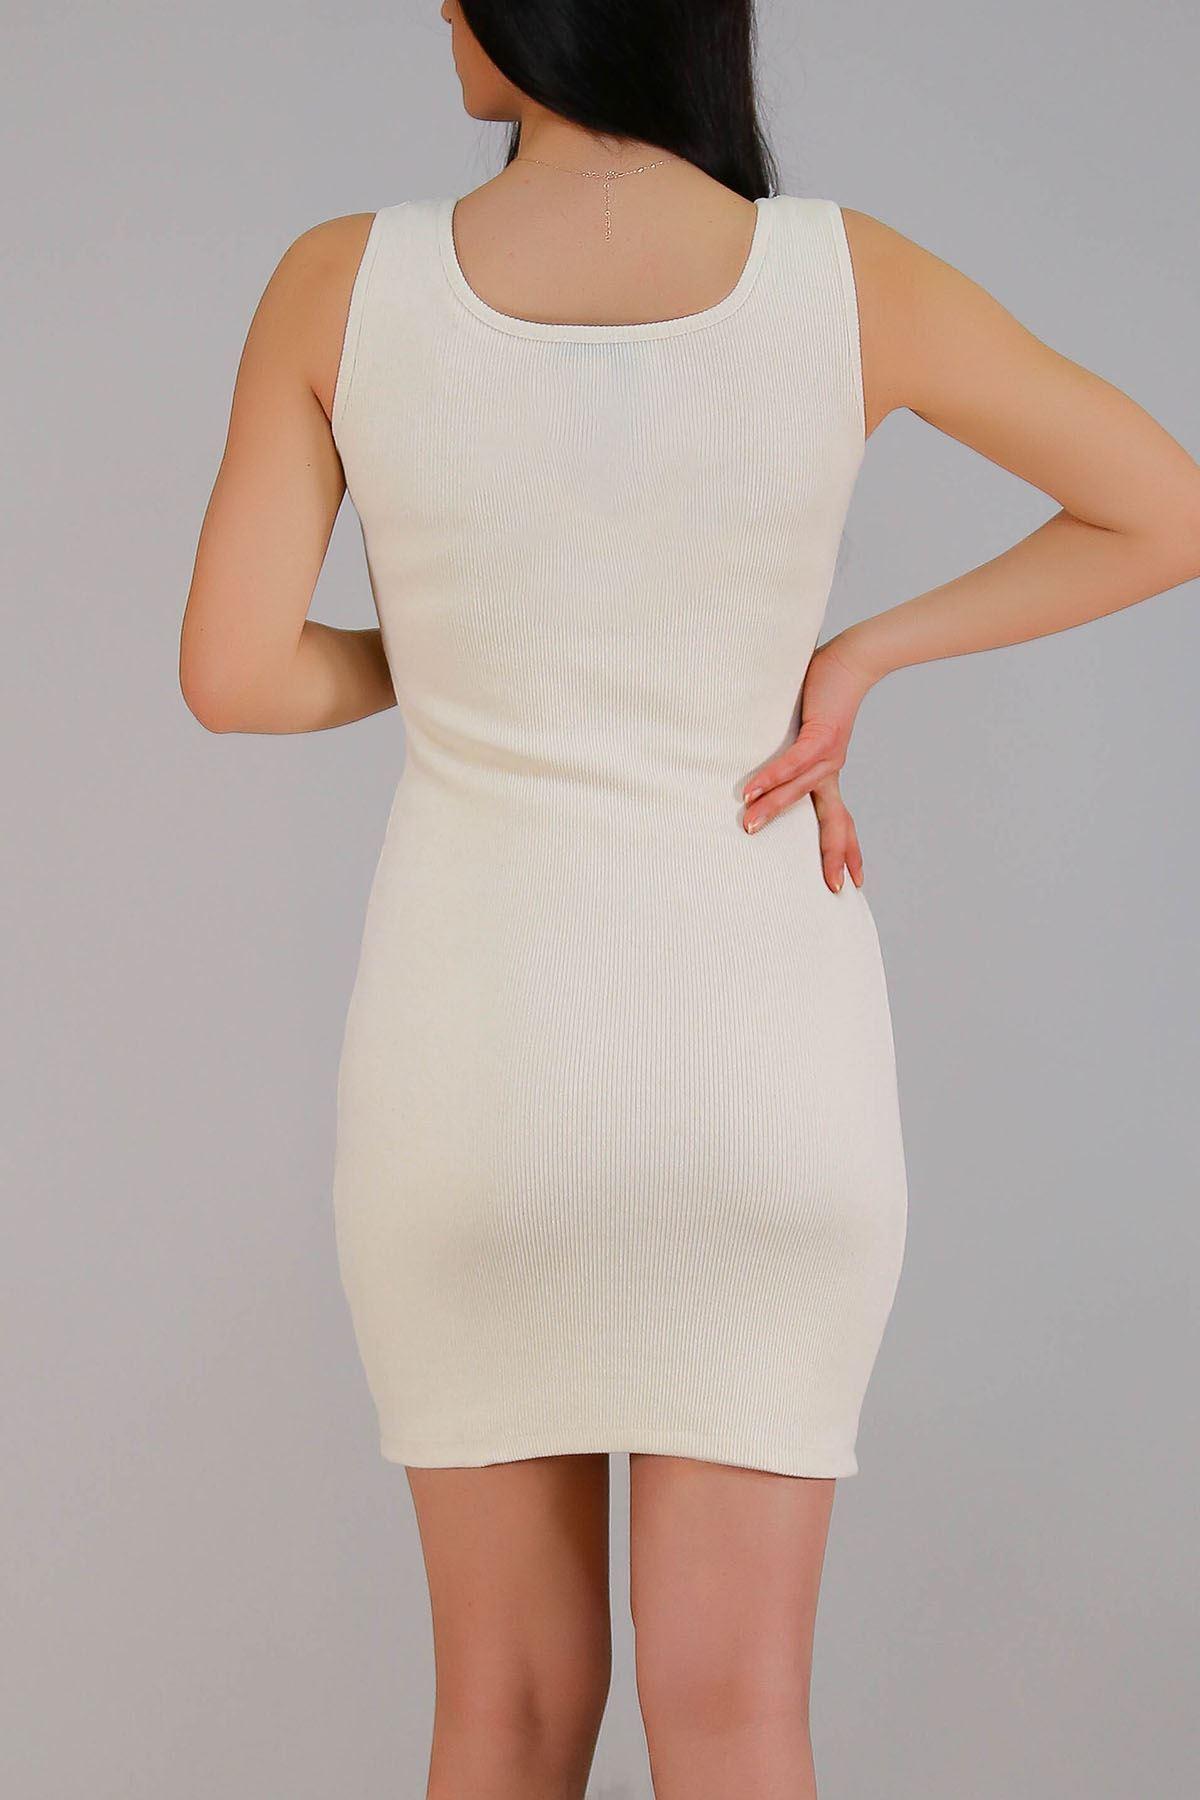 Kaşkorse Sıfır Kol Elbise Krem - 5188.316.